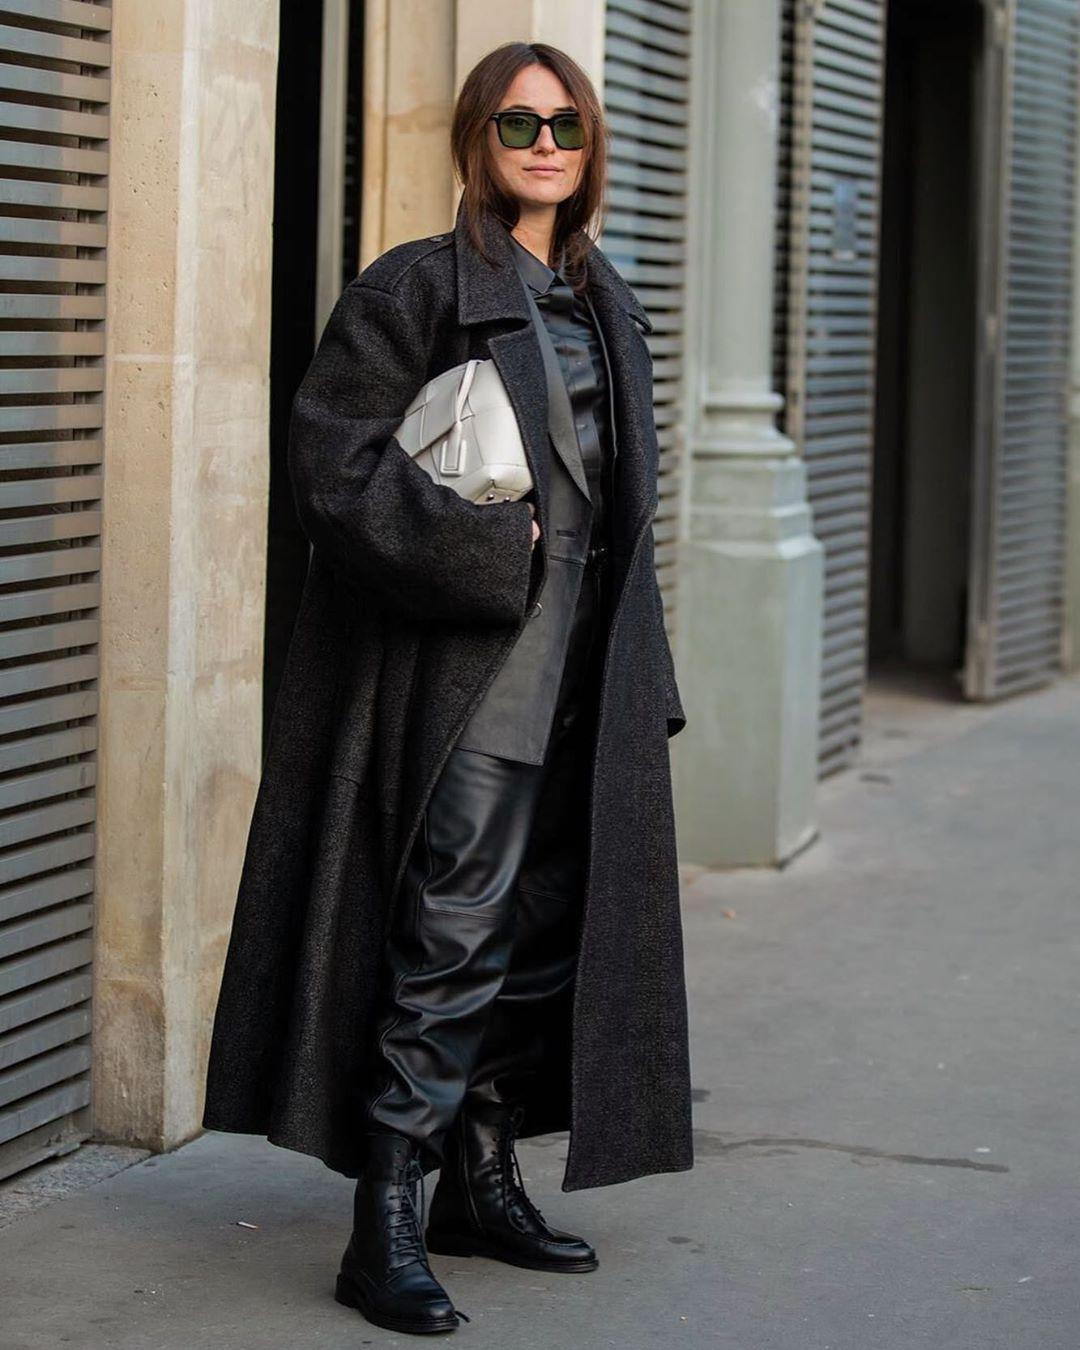 10 tendências de moda feminina para 2020 segundo as ruas de Paris